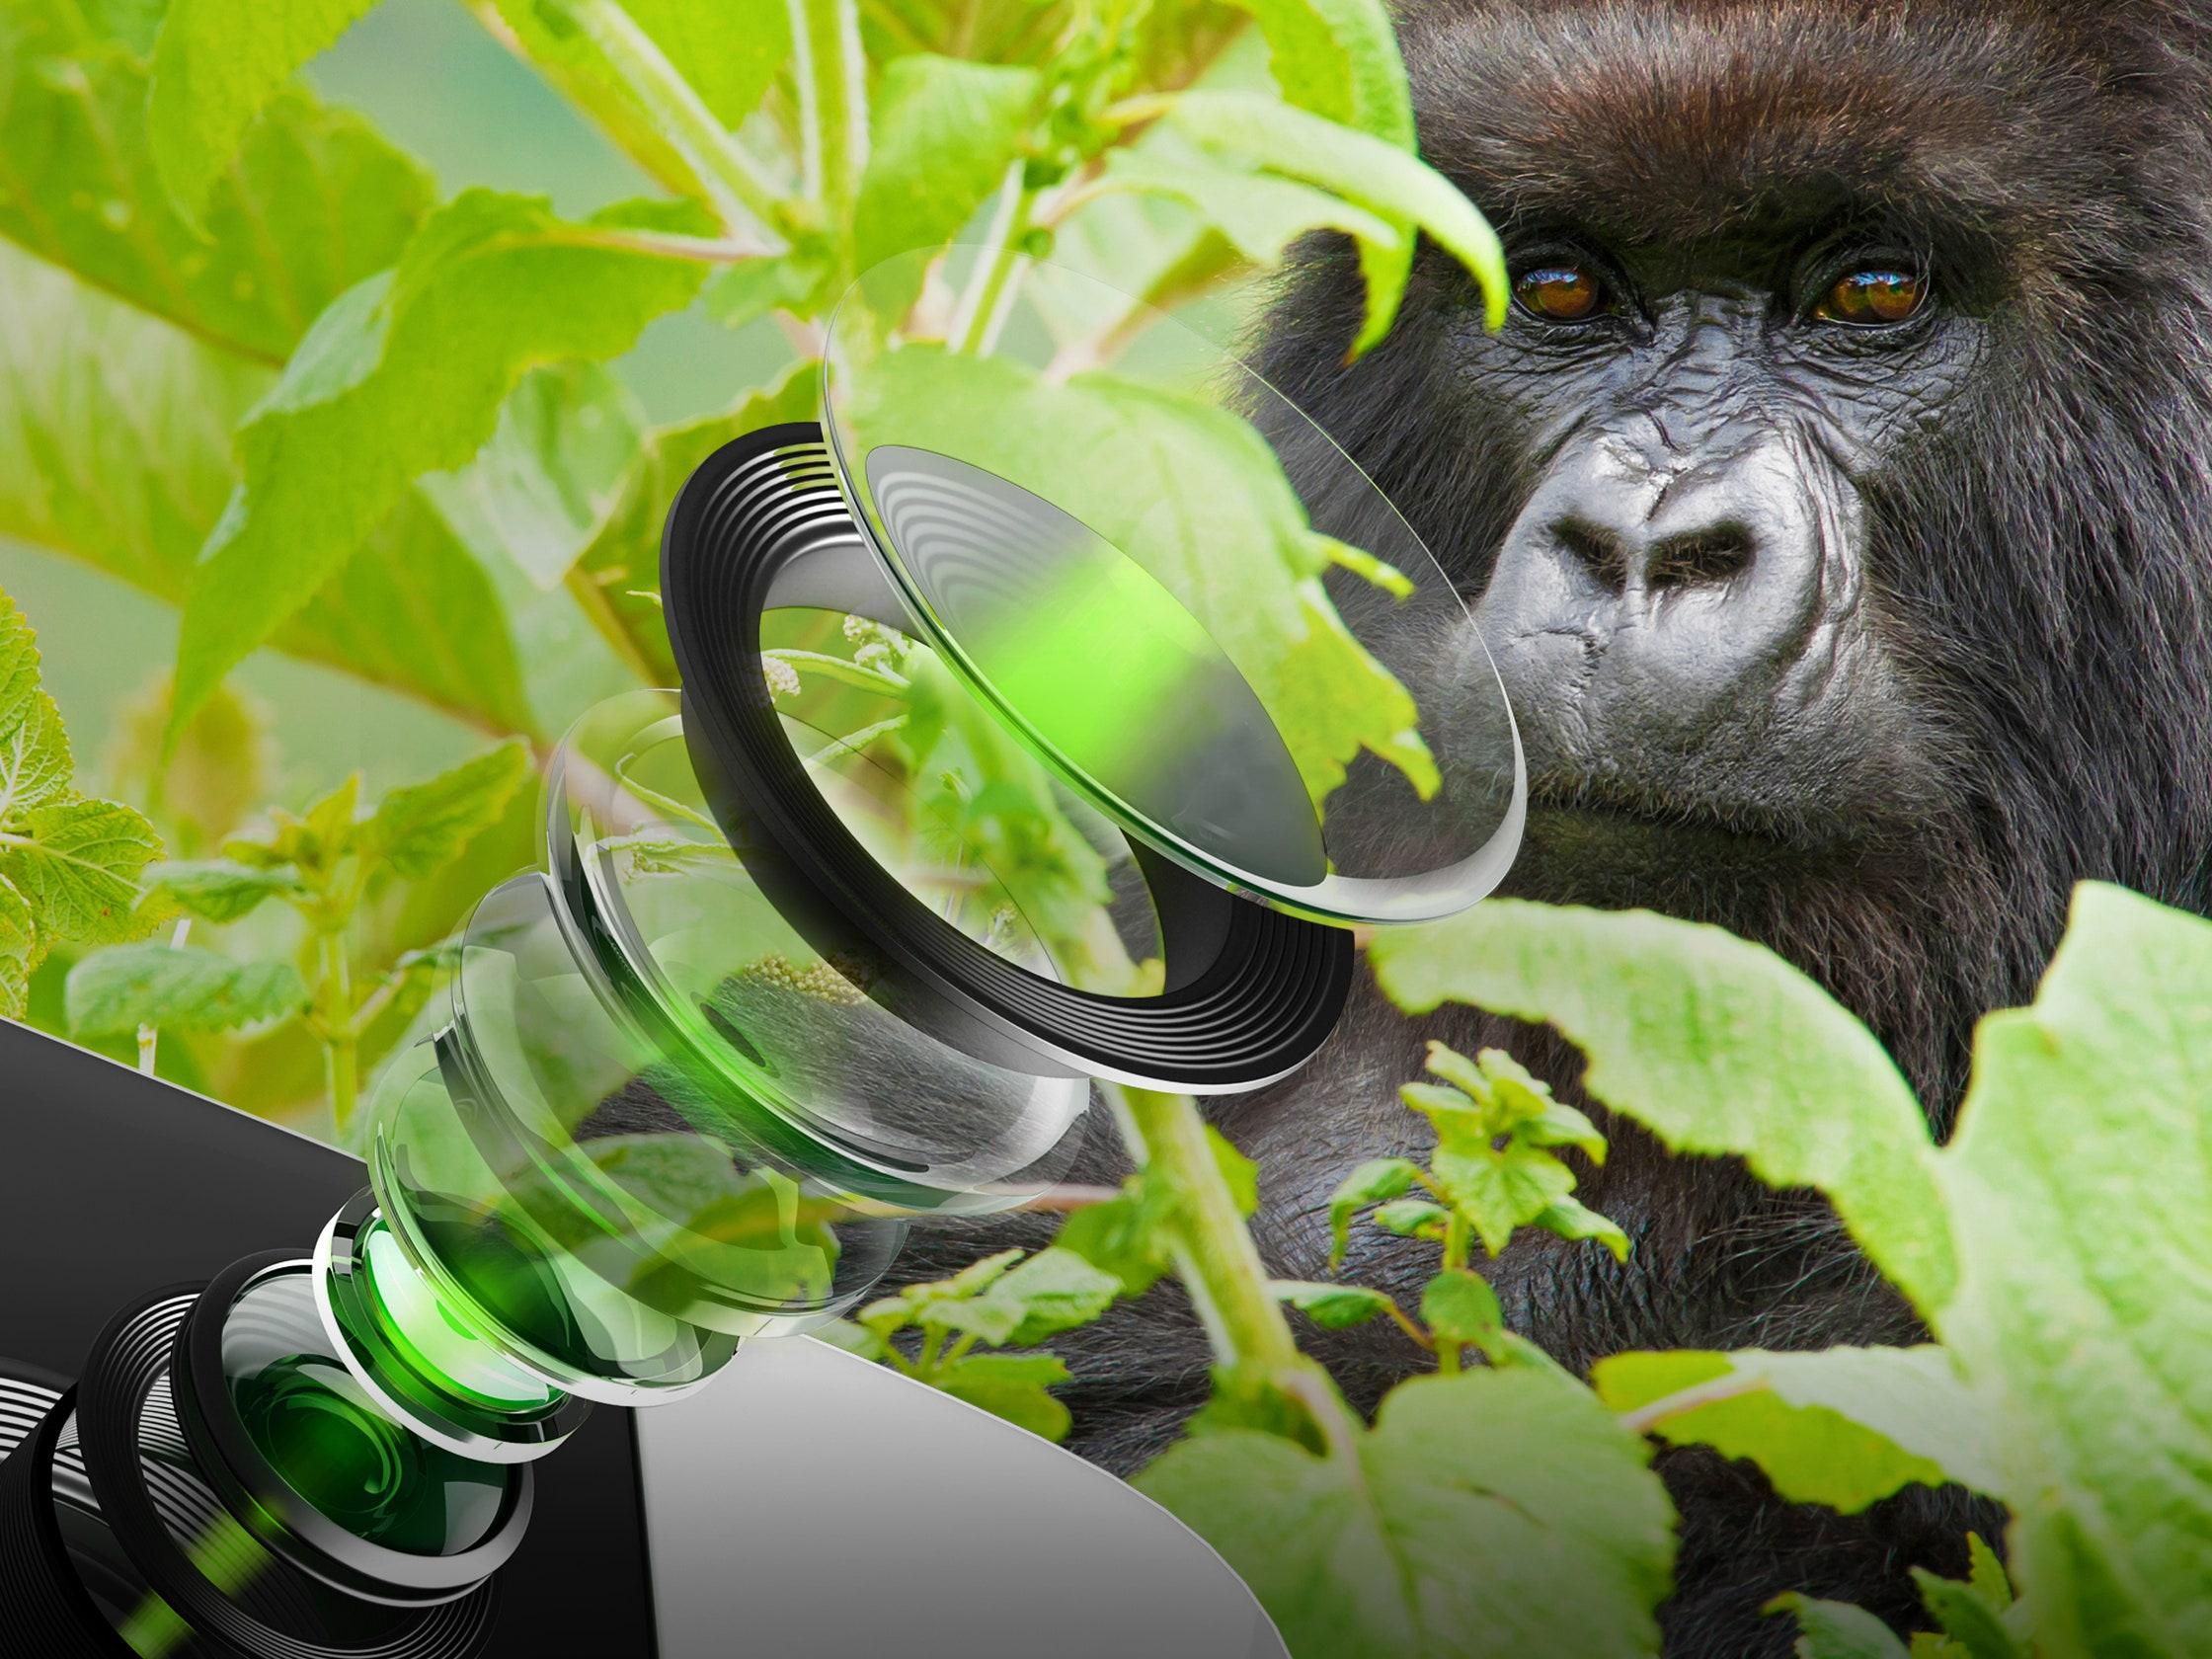 Corning представила Gorilla Glass DX и DX: защитные стёкла для камер смартфонов